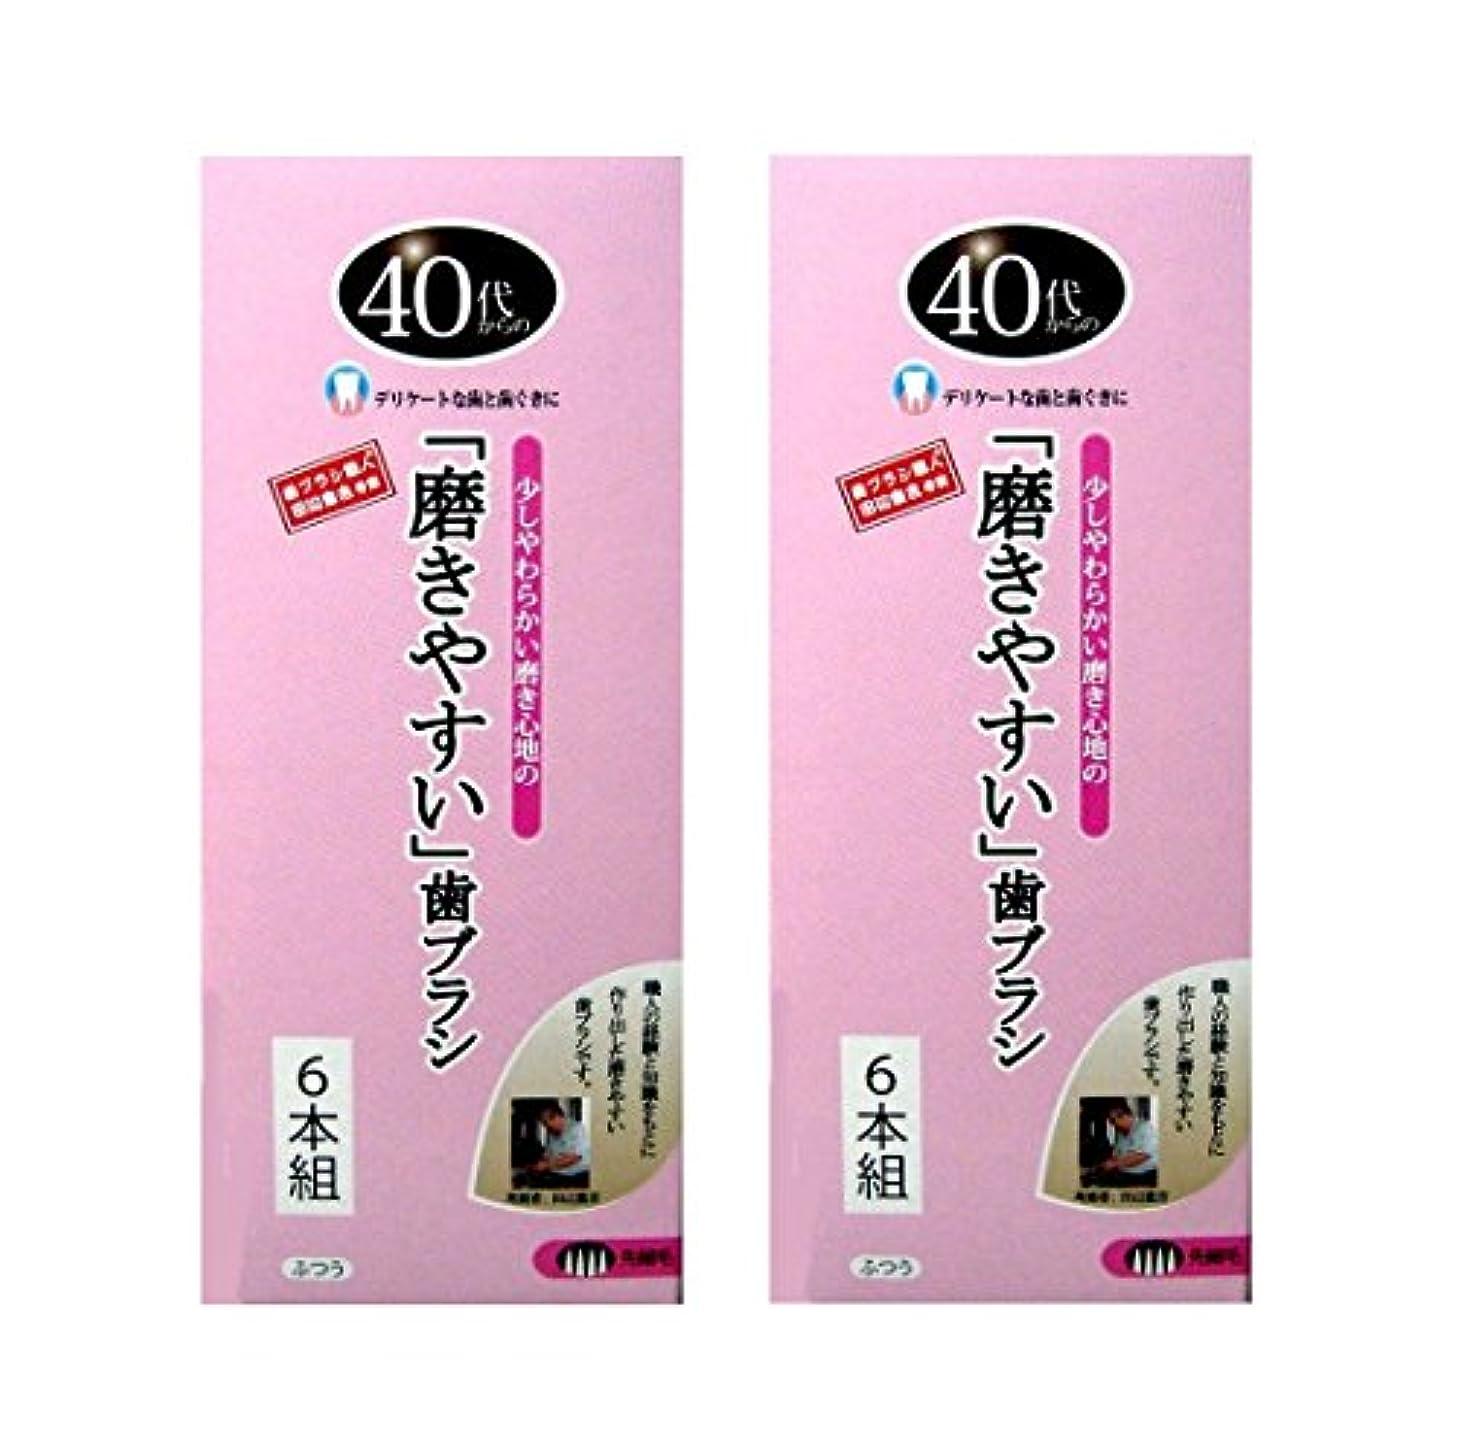 メジャーホーンポケット歯ブラシ職人 田辺重吉考案 40代からの磨きやすい歯ブラシ 先細 6本組×2個セット